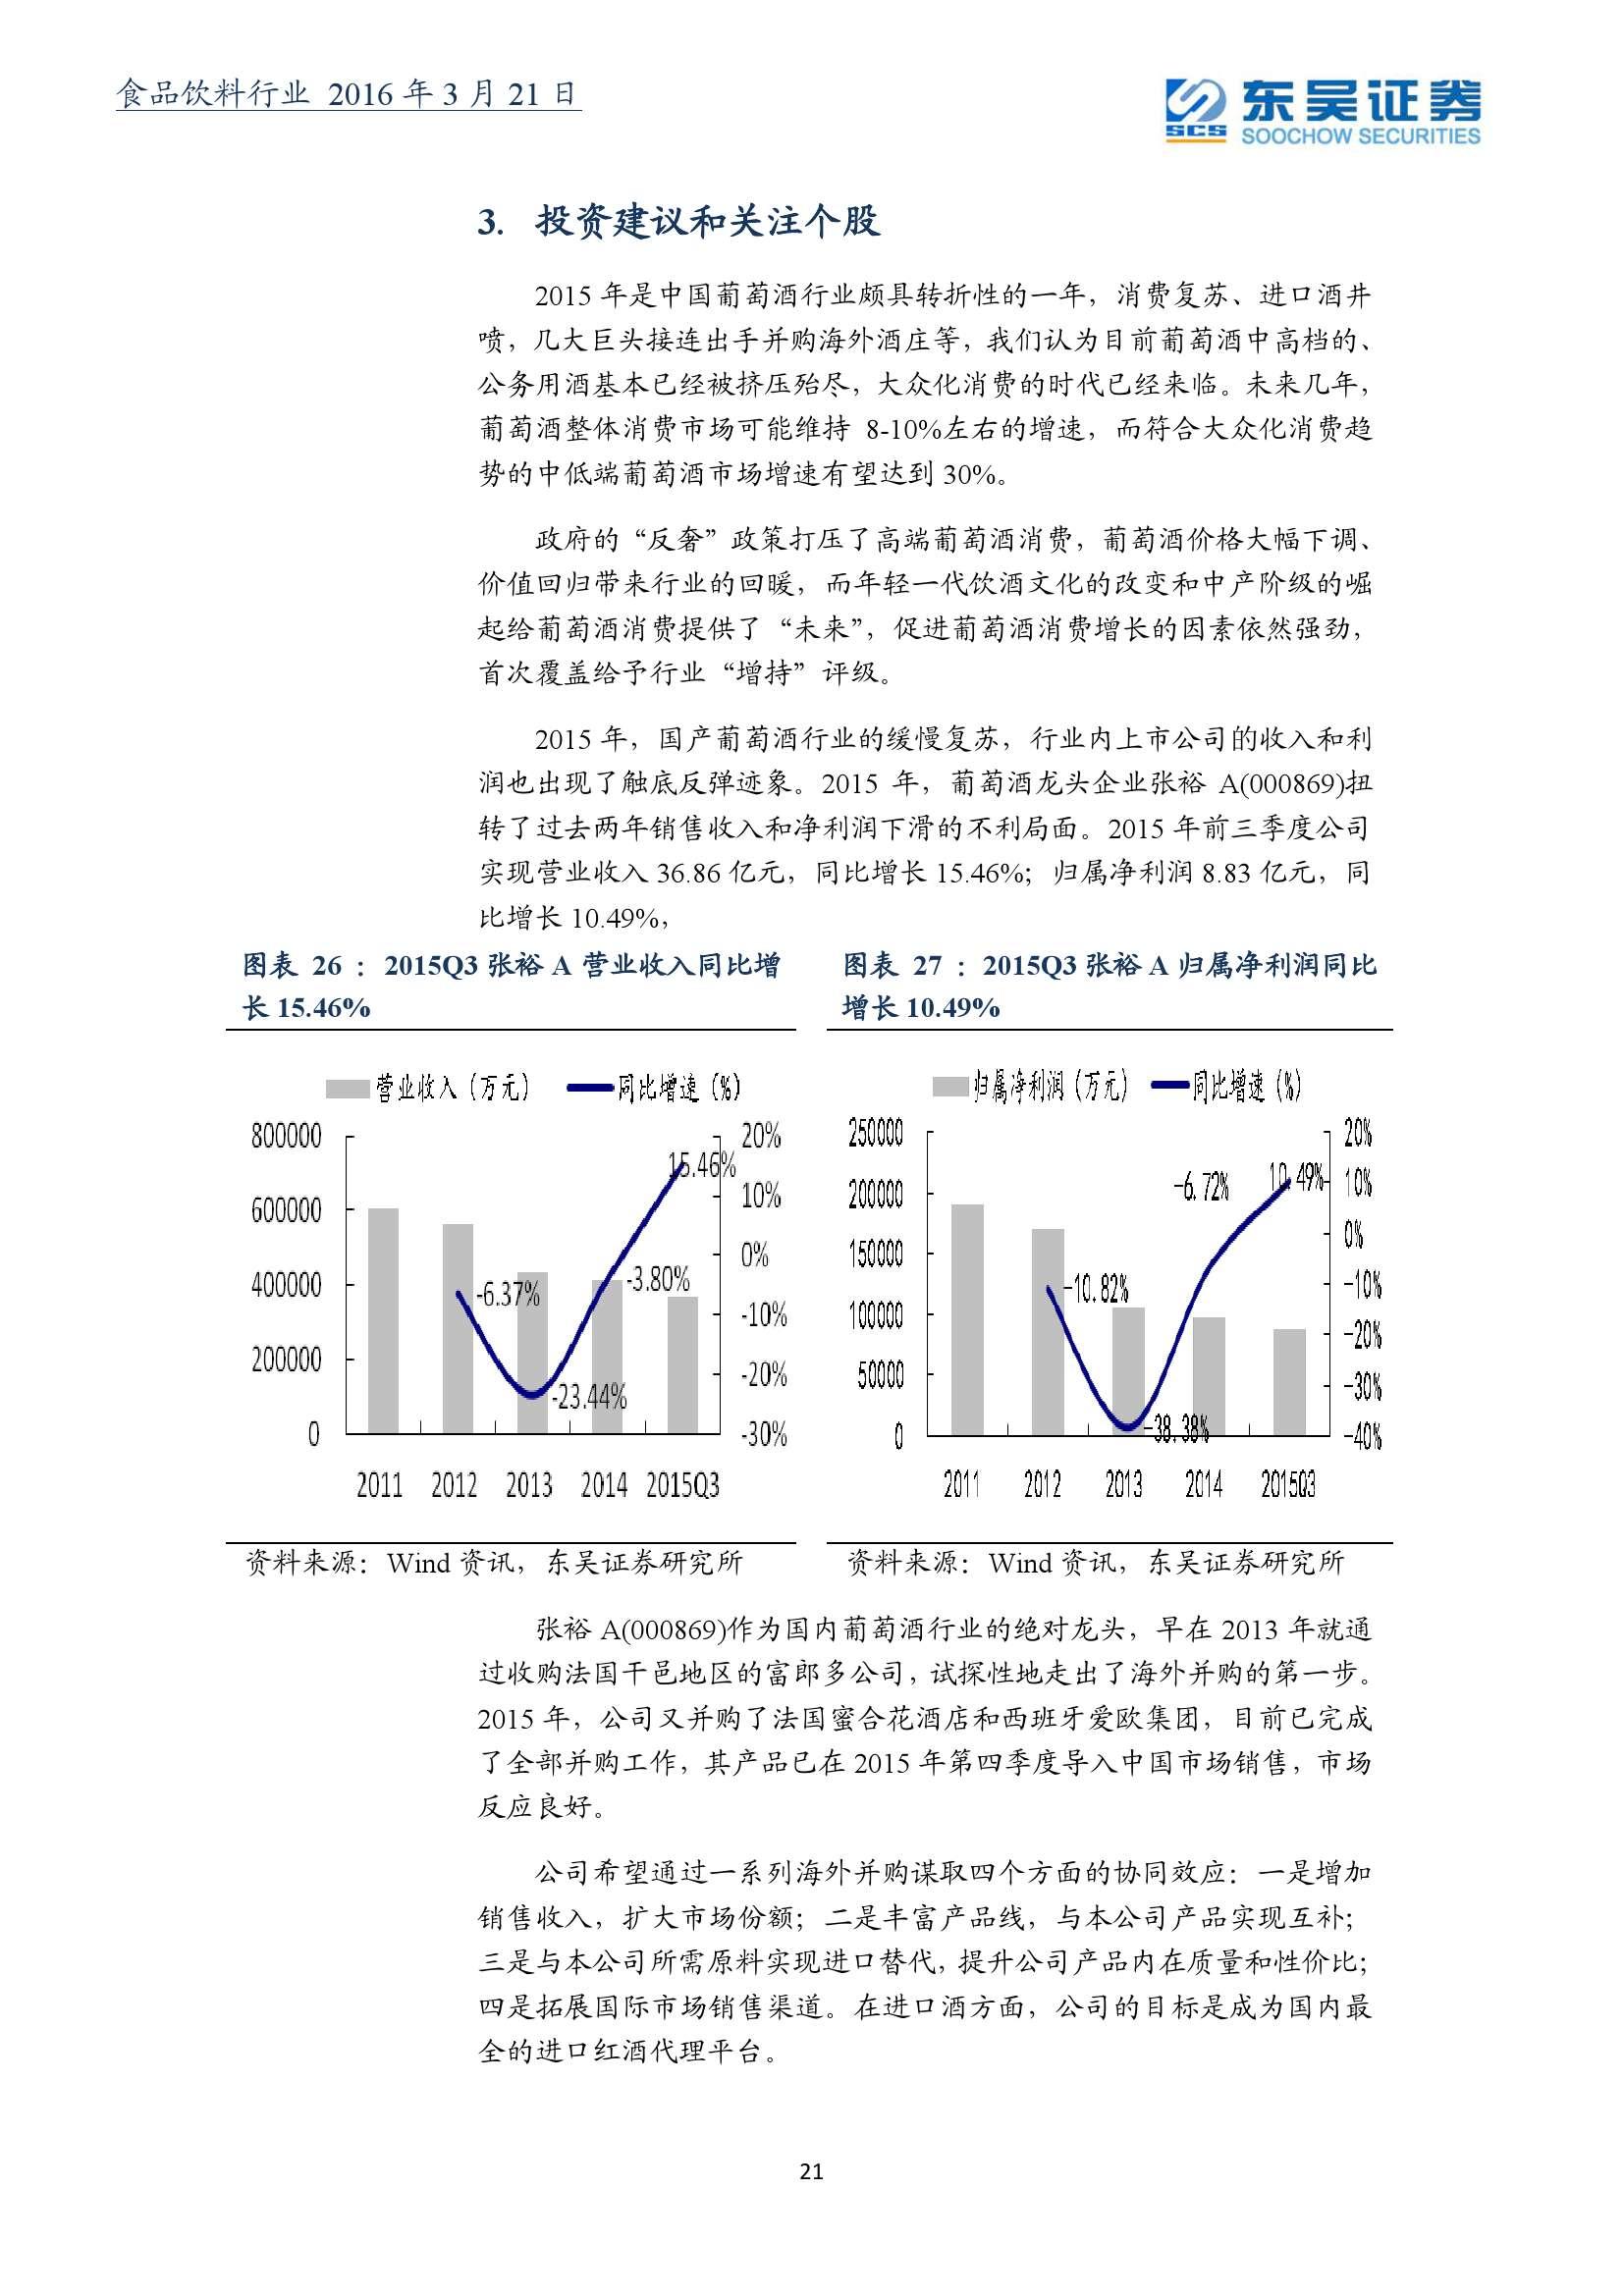 2016年葡萄酒行业深度报告_000021